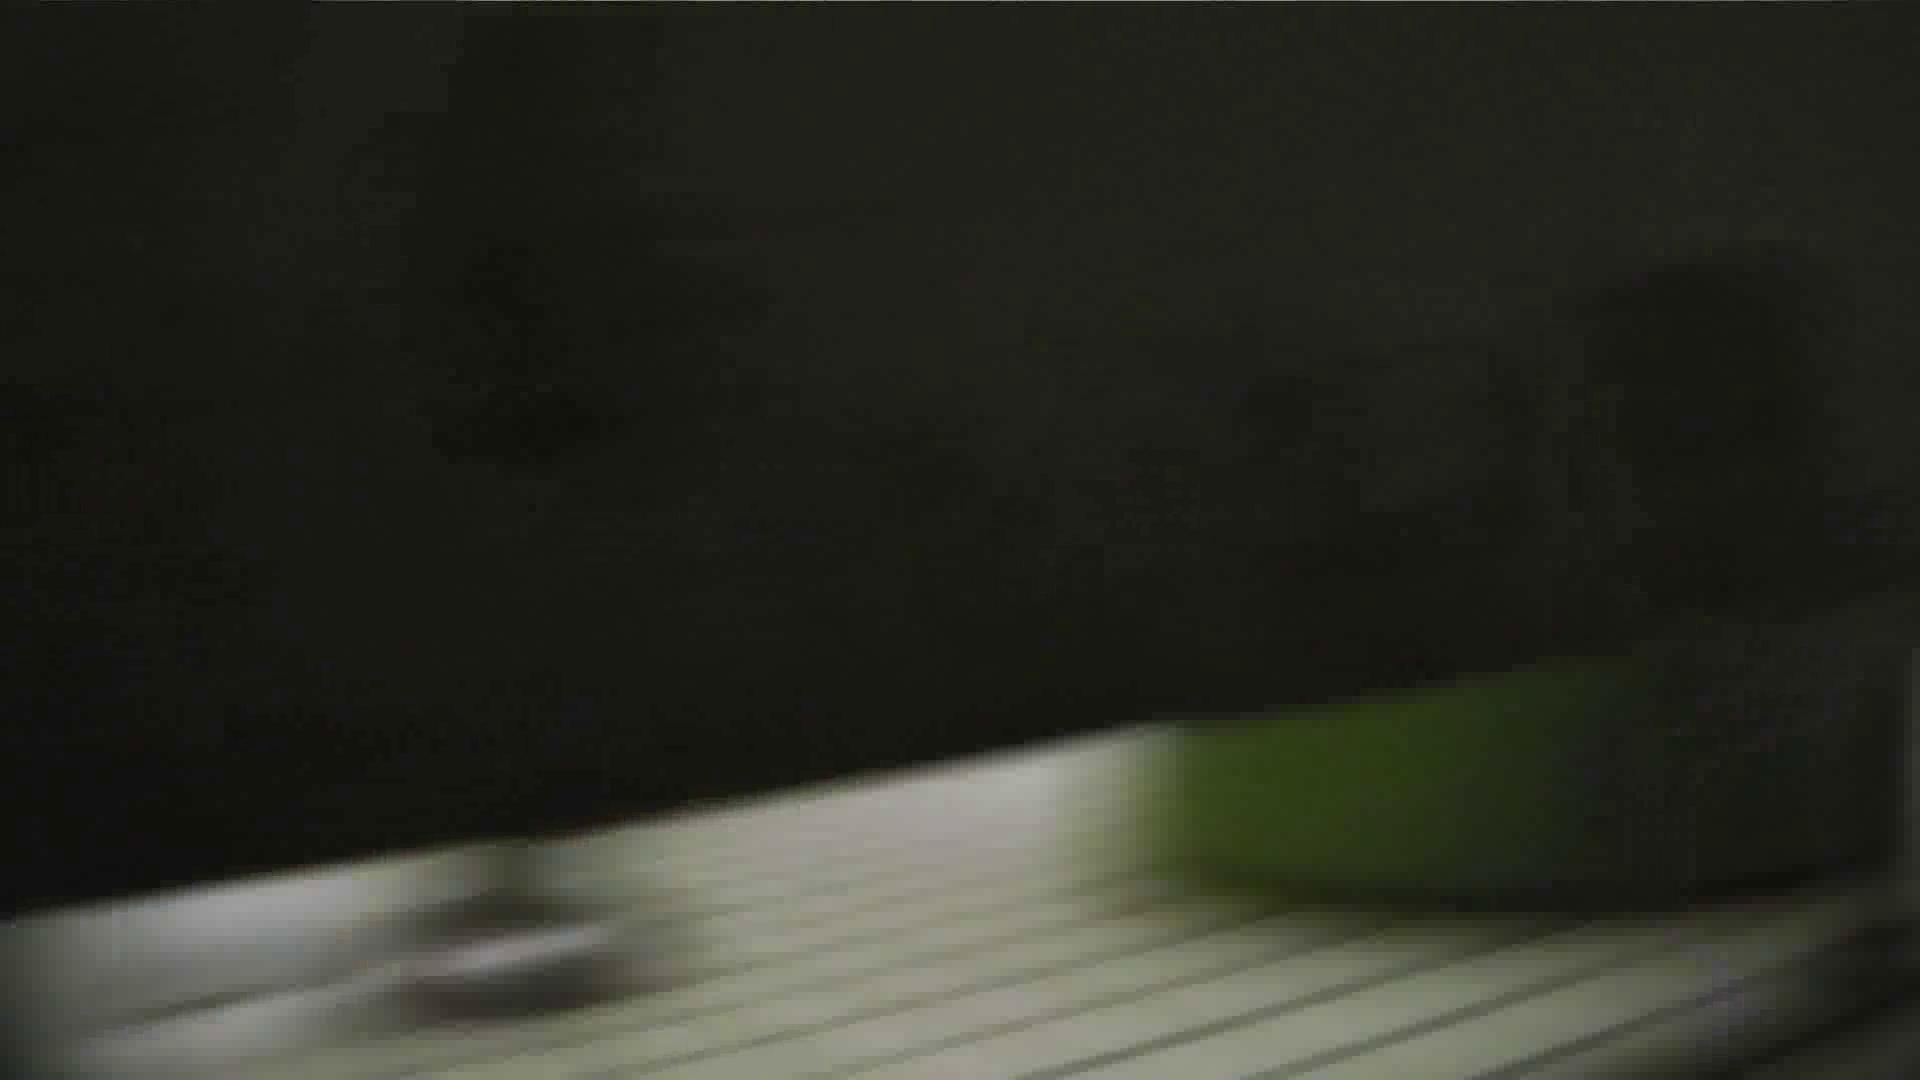 【美しき個室な世界】 vol.018 ピンクのおネエタン 洗面所  82pic 38